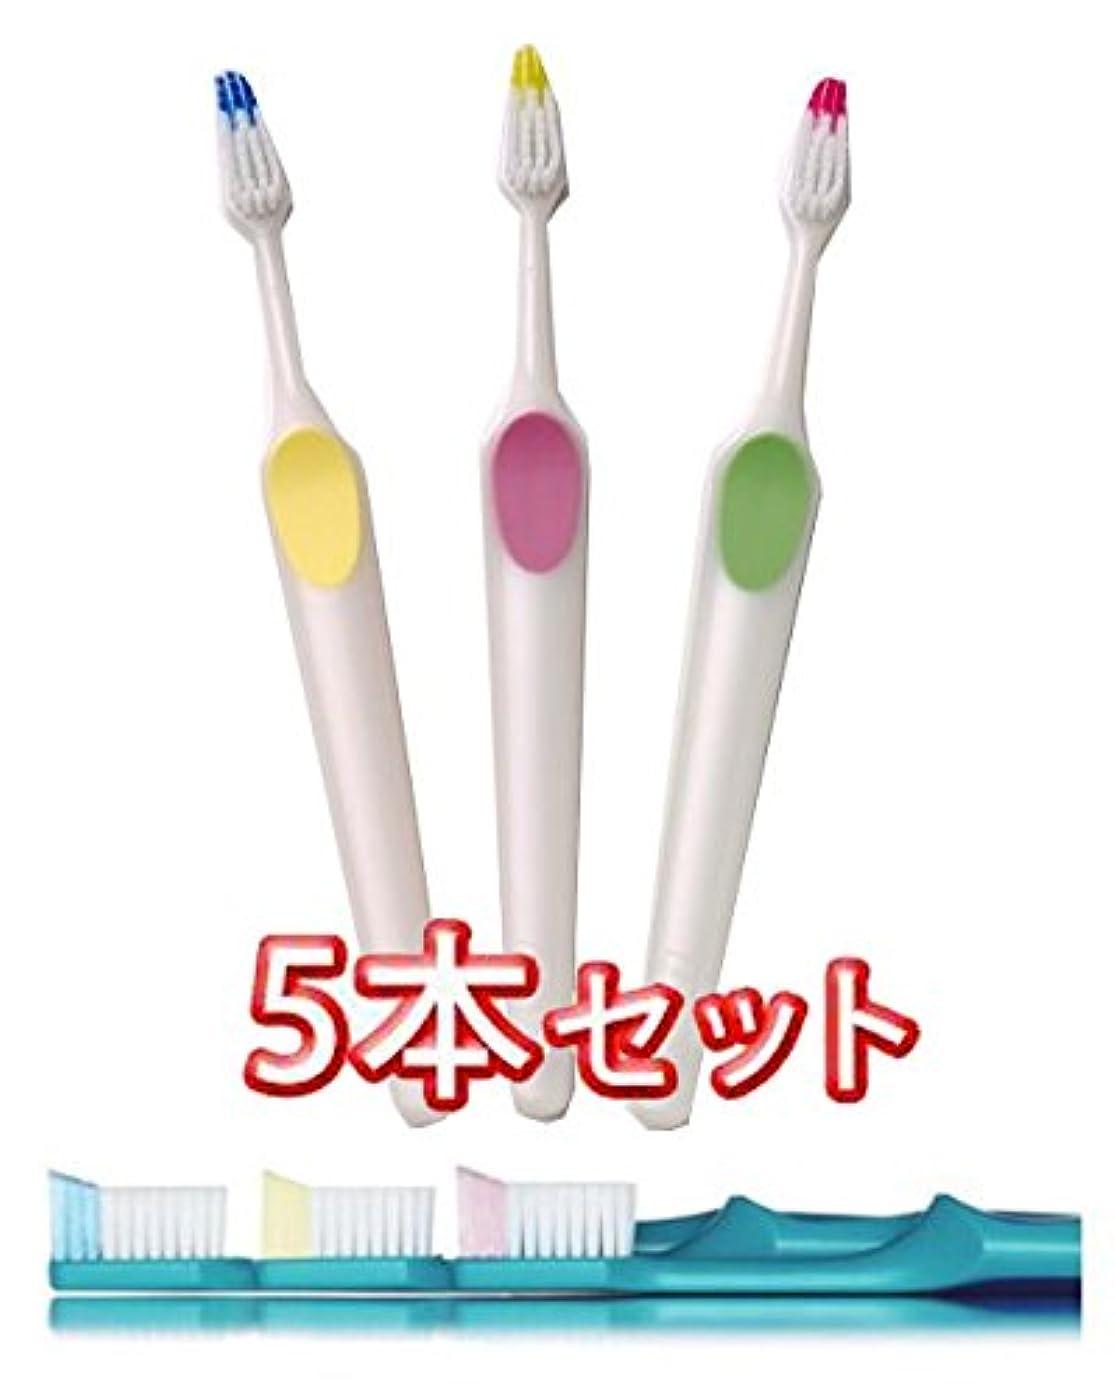 講師支出猫背クロスフィールド TePe テペ ノバ(Nova) 歯ブラシ 5本 (ソフト)